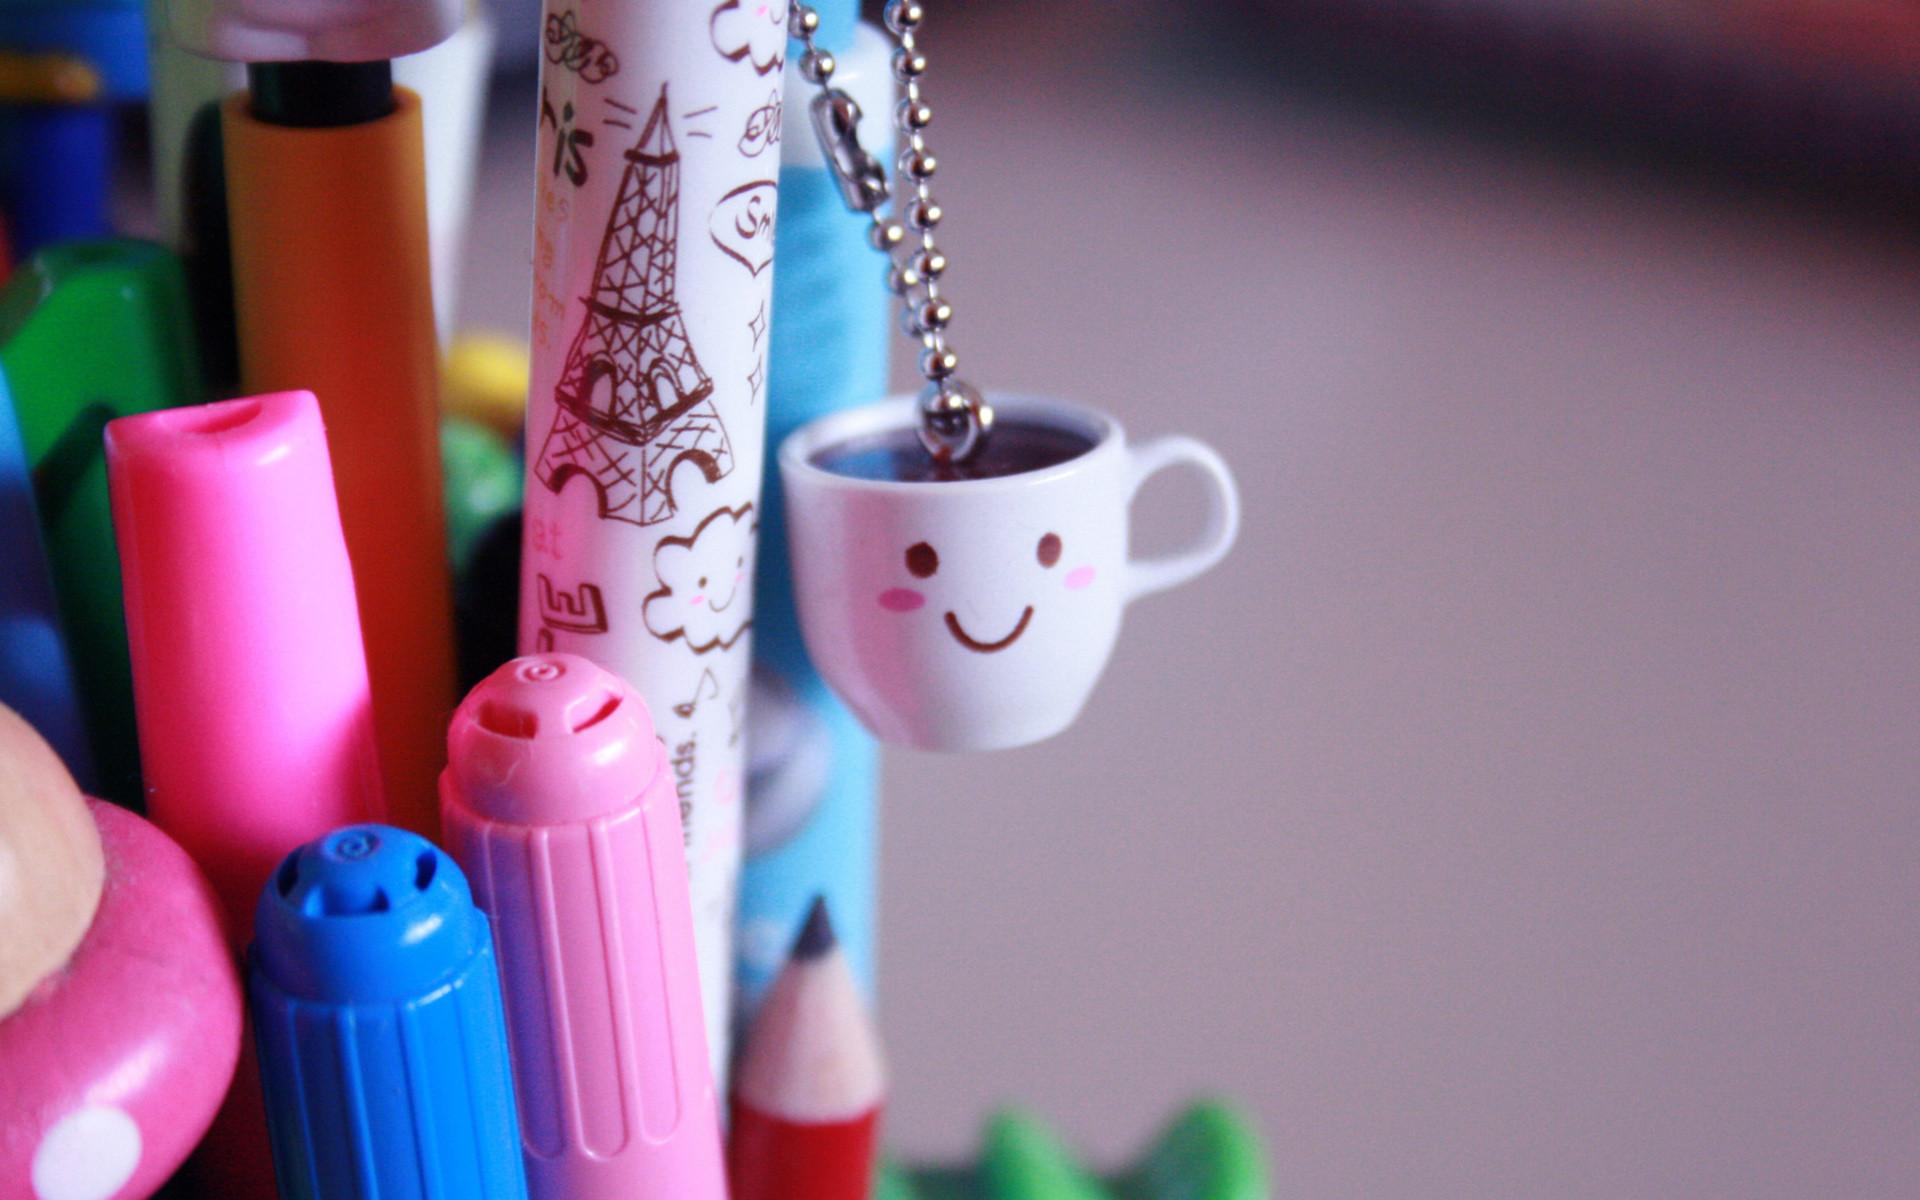 cute wallpaper pics ·①